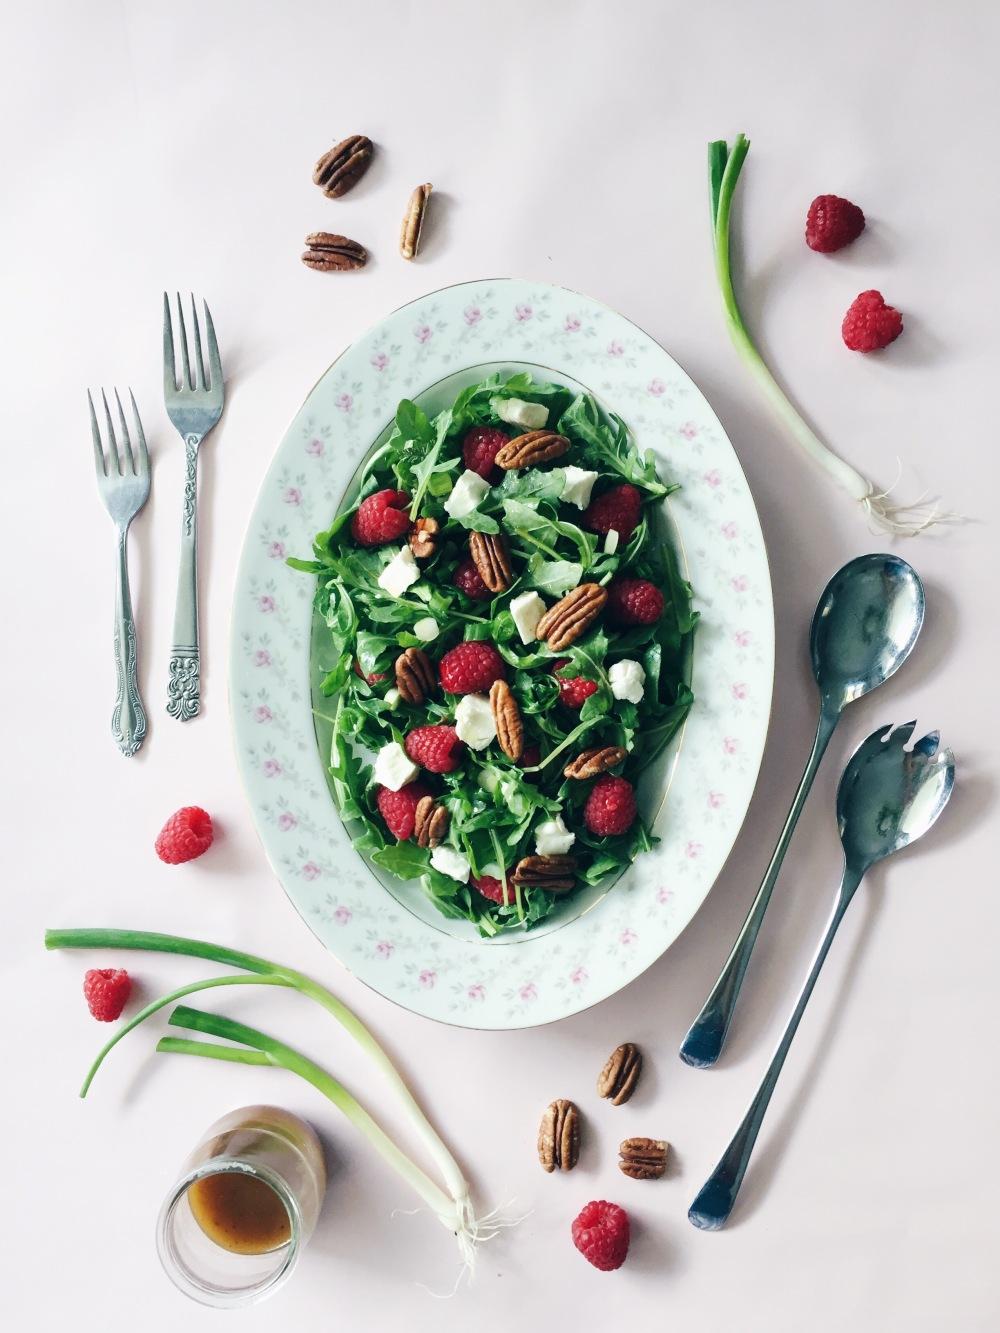 Salade de roquettes et framboises, oignons verts, chèvre et pacanes